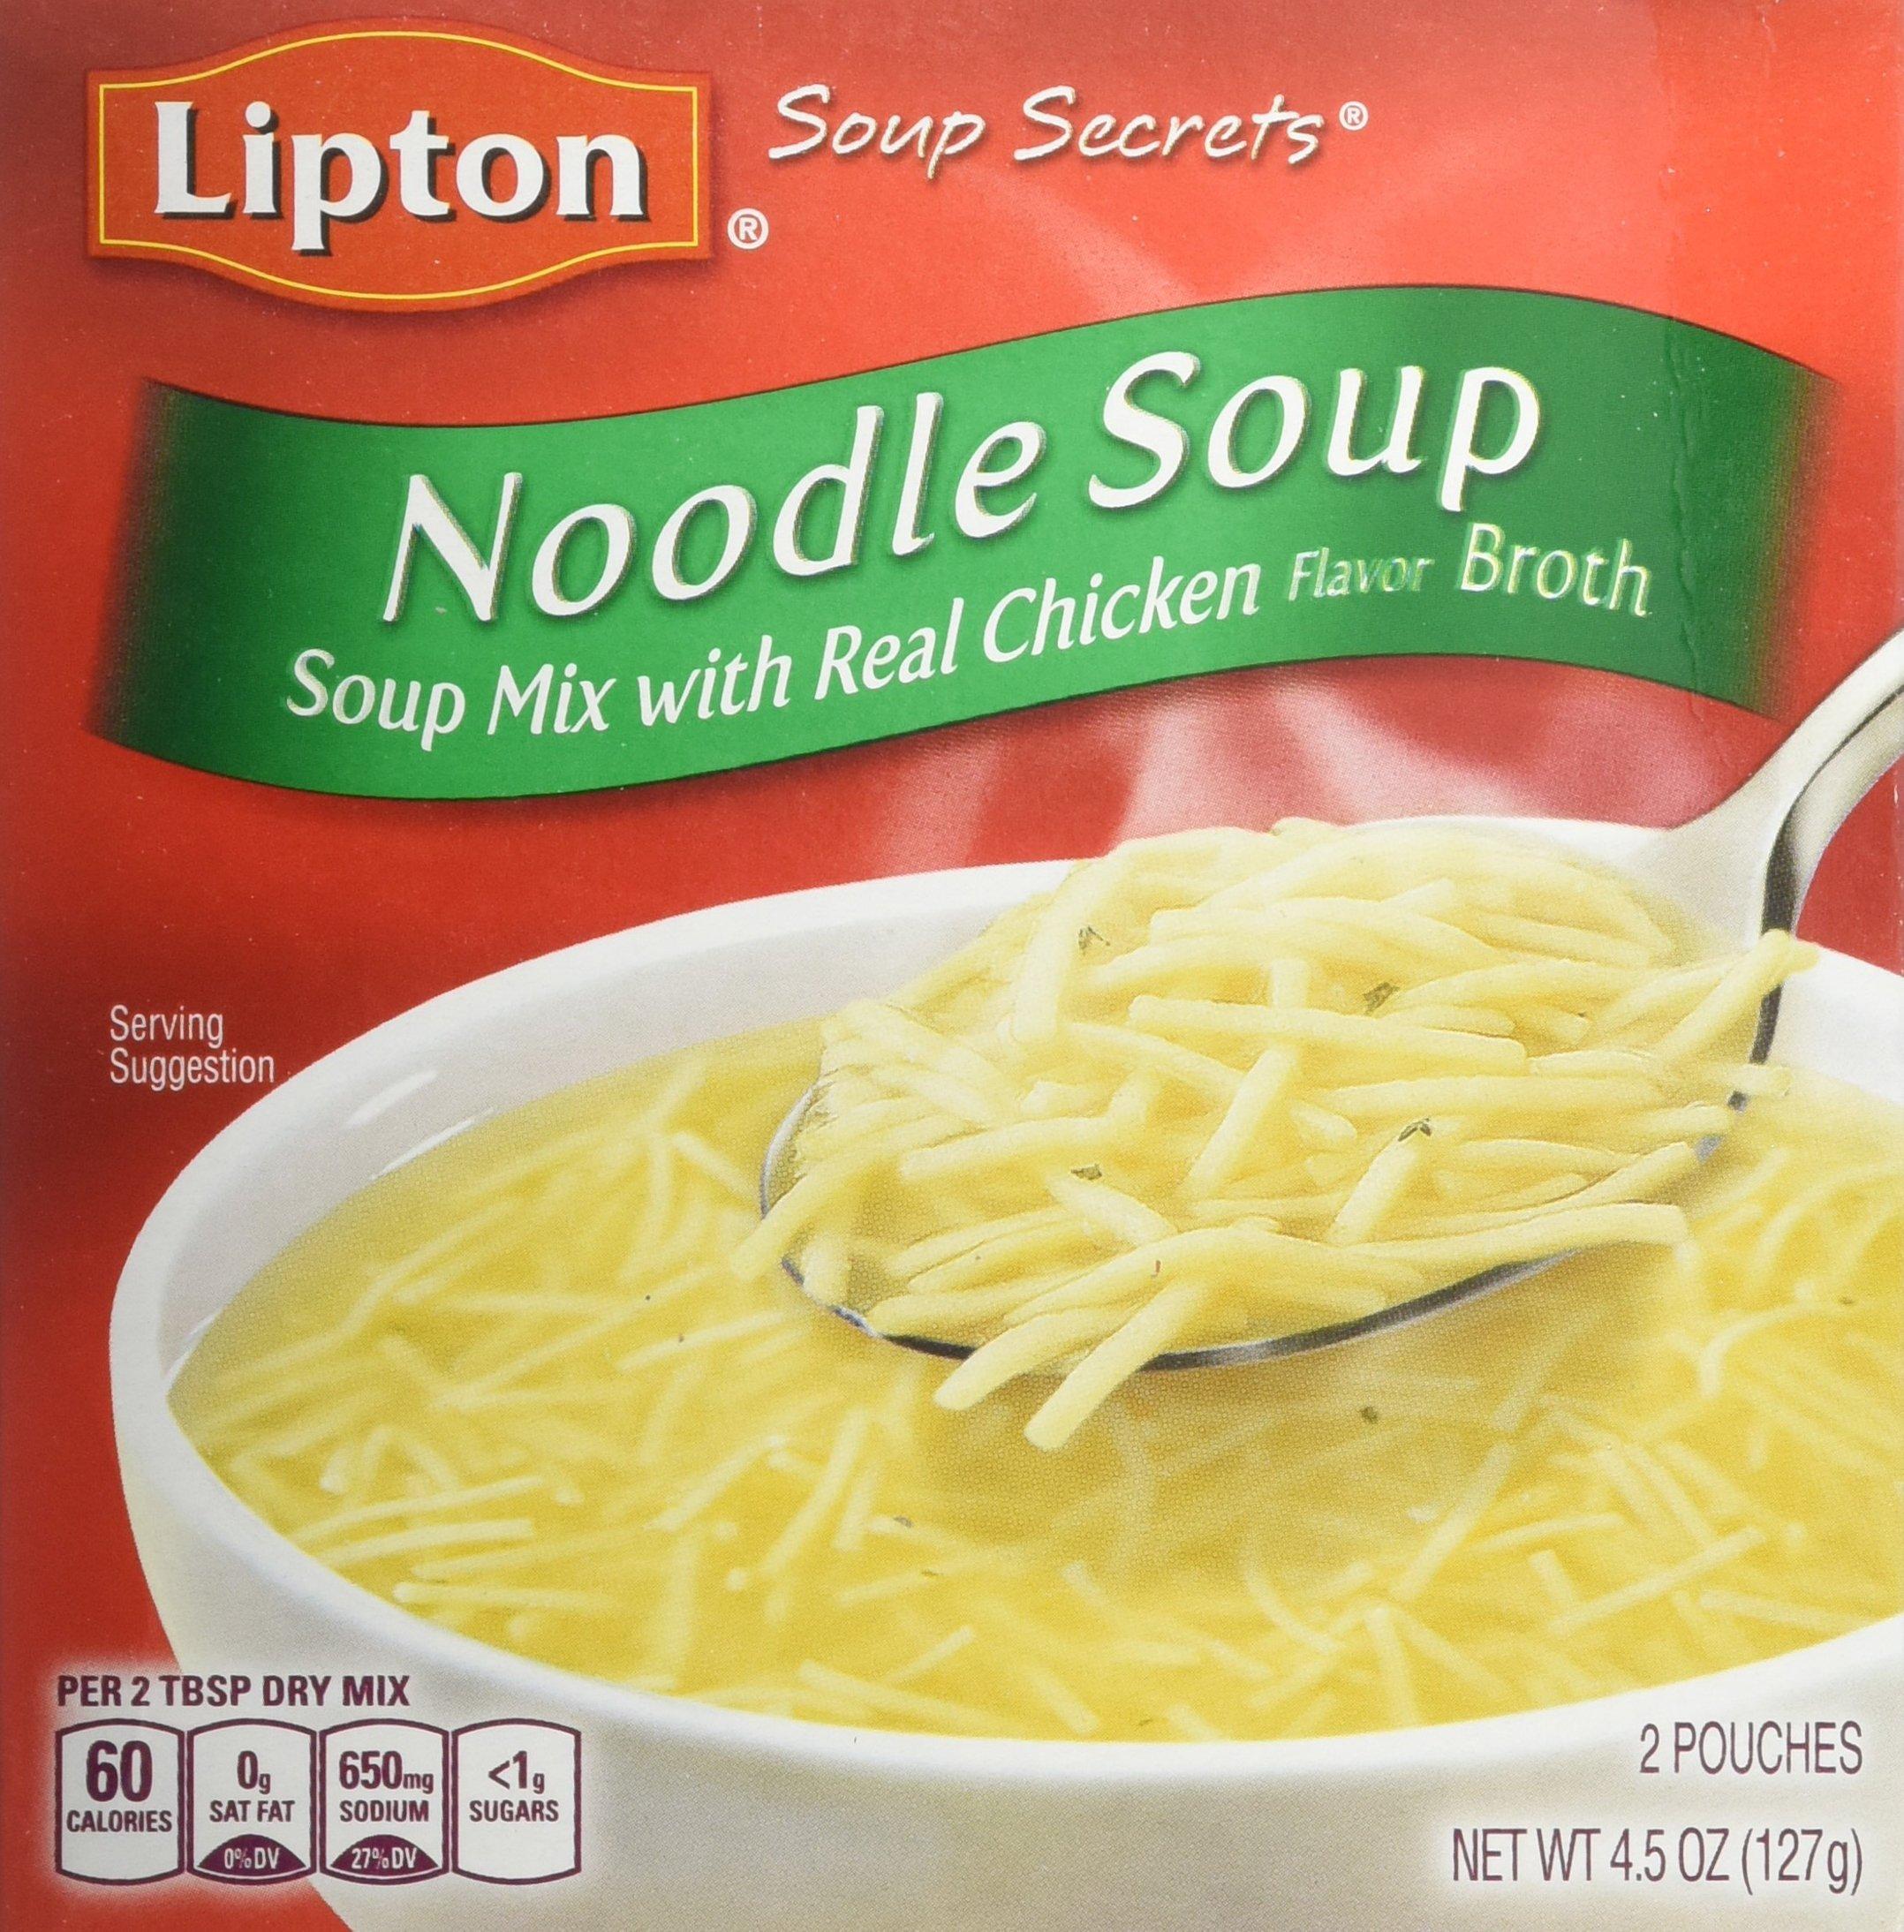 Amazon.com : Lipton Soup Secrets Instant Soup Mix, Ring-O